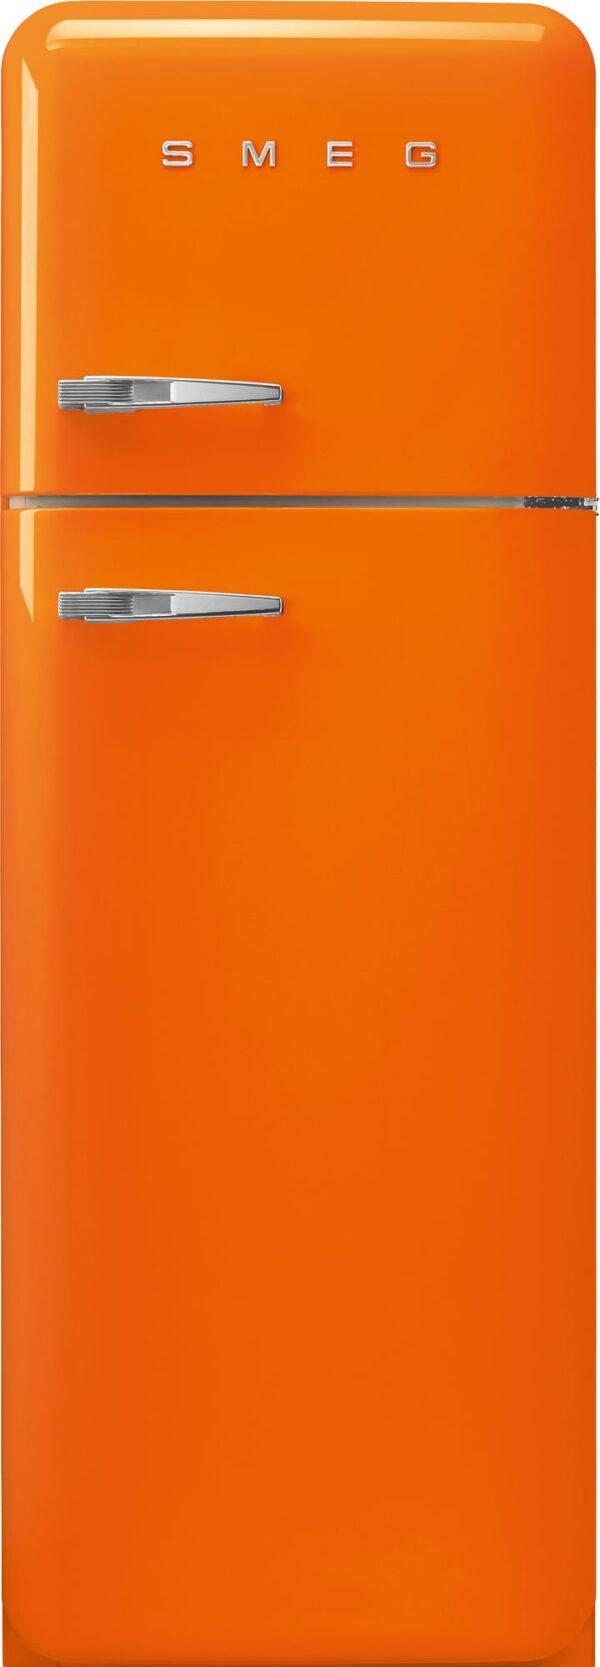 Smeg 50's Style kølefryseskab FAB30ROR5 (orange)